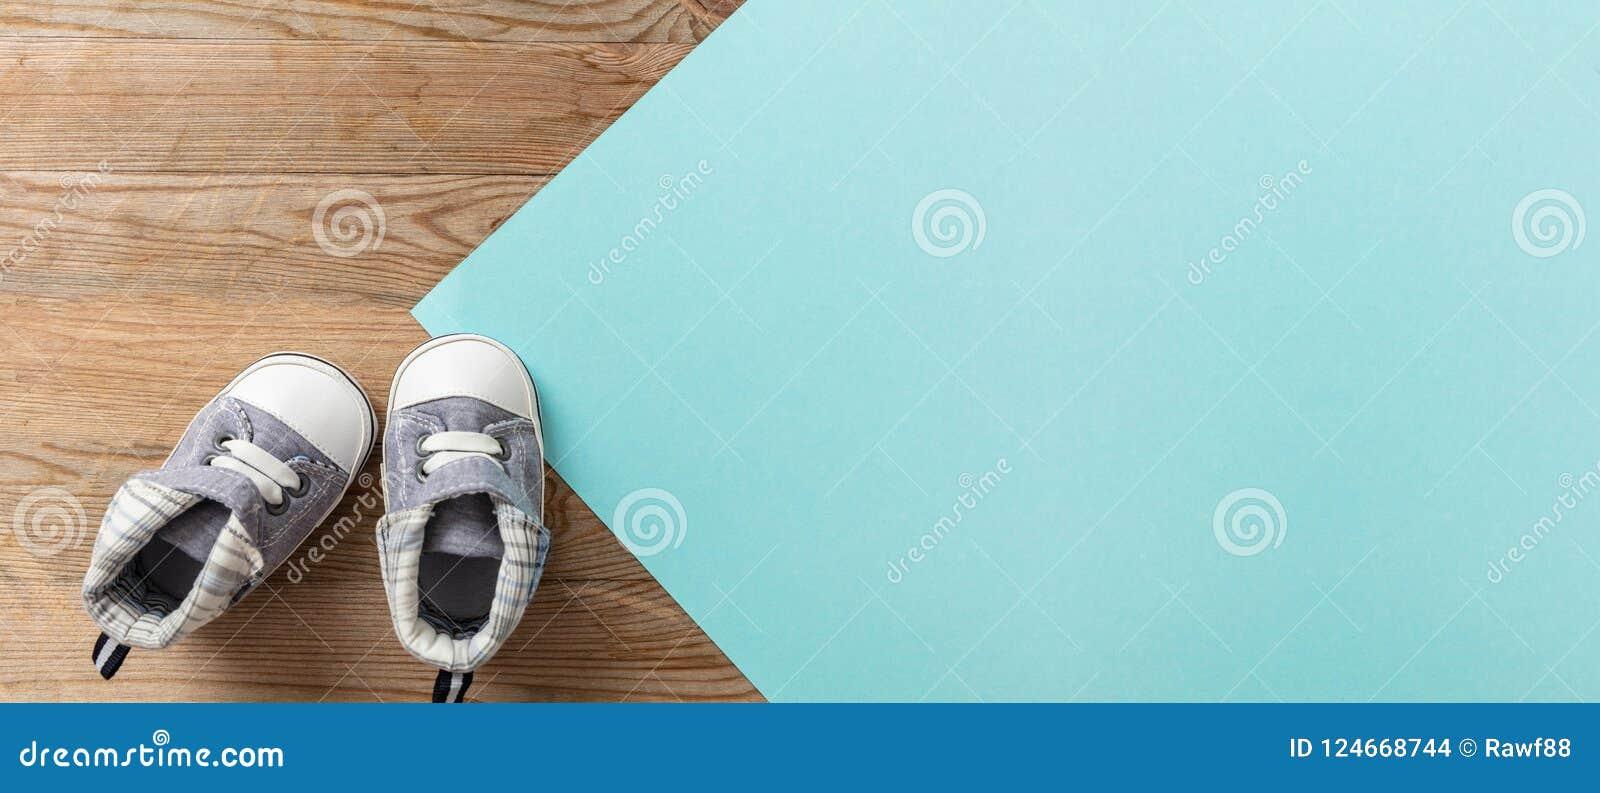 De schoenen van de babyjongen op pastelkleur blauwe en houten achtergrond, banner